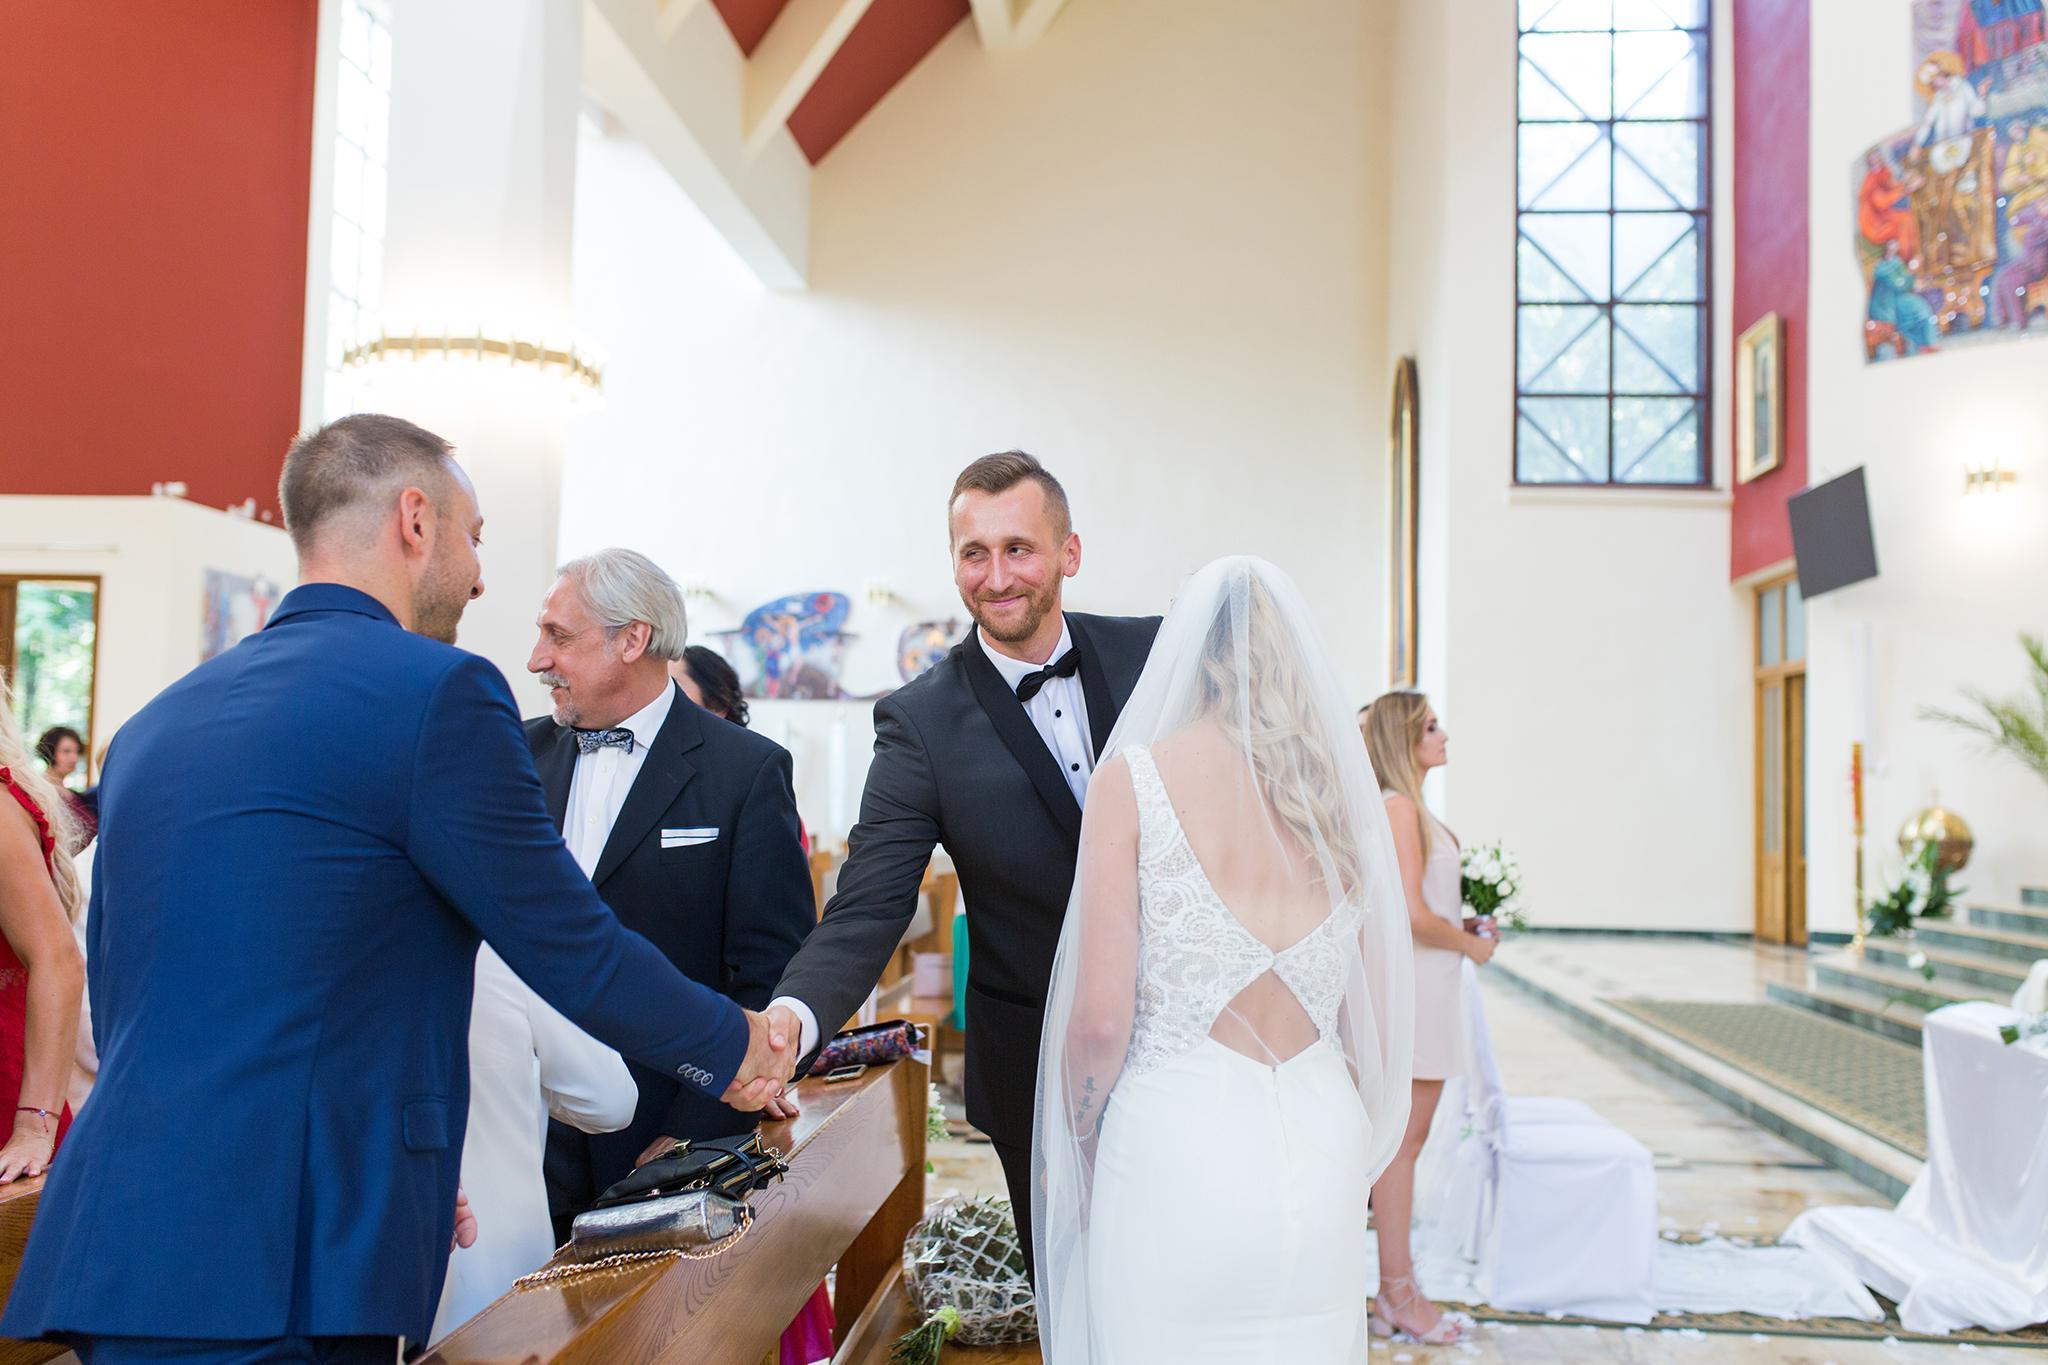 Ślub Kingi i Artura odbył się w Krakowie. Ślub i wesele Pary Młodej było w nowoczesnym, klasycznym stylu.